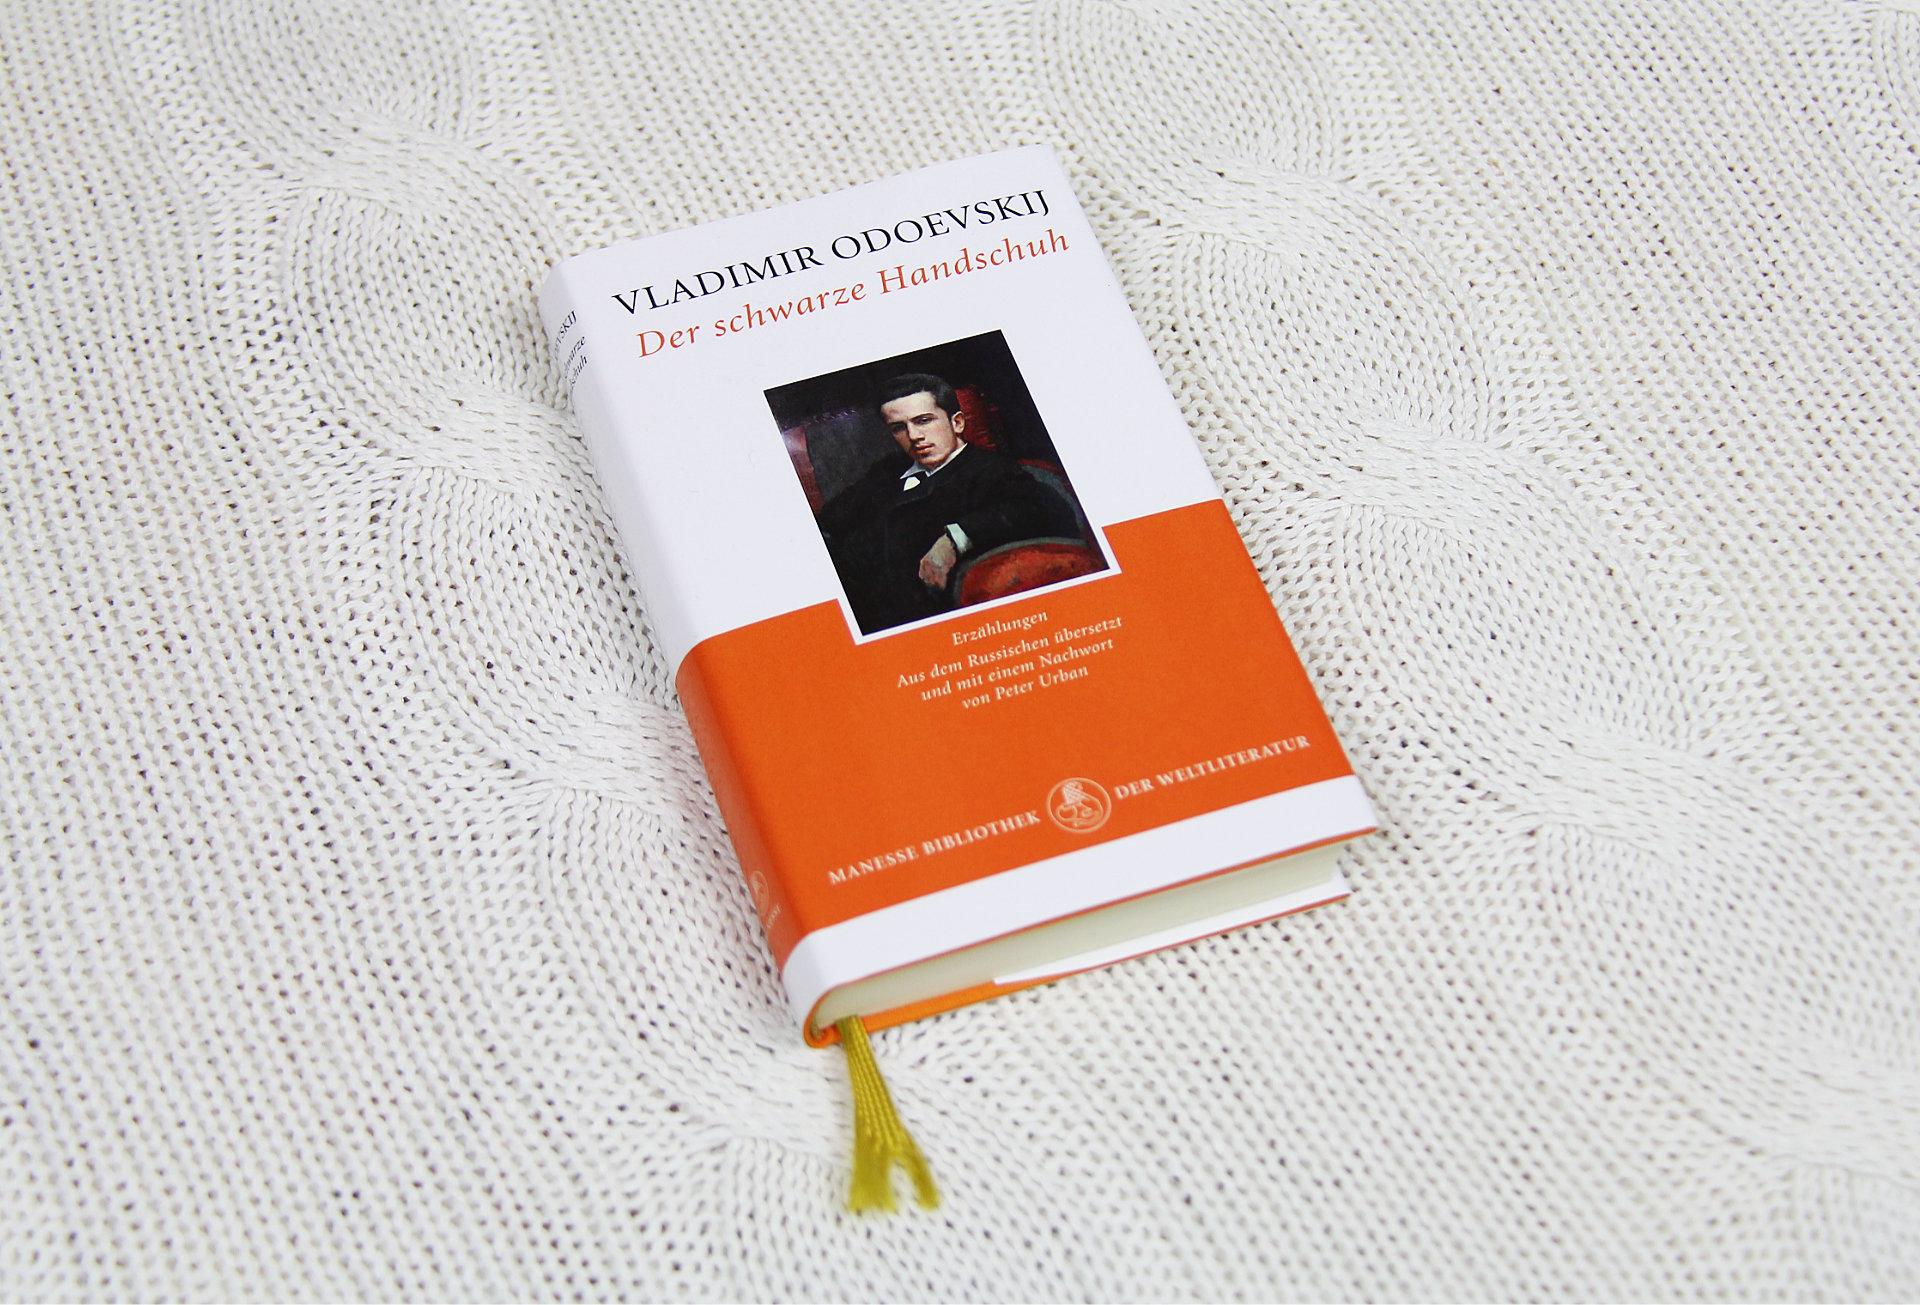 Der schwarze Handschuh • Vladimir Odoevskij